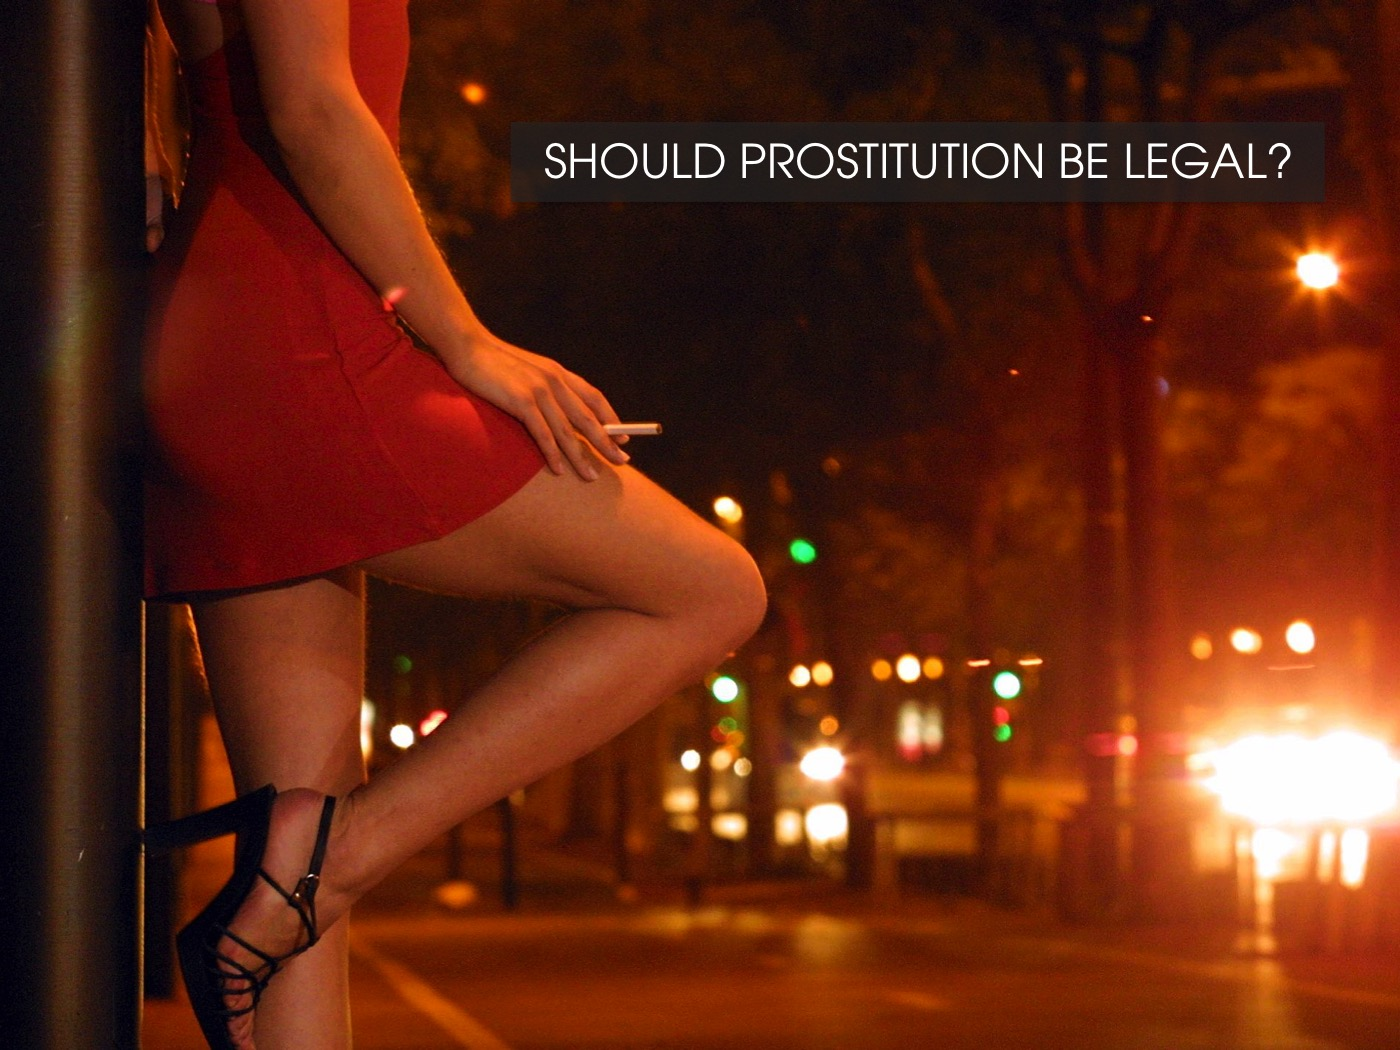 Should prostitution be legal? Workshop de inglês Estúdio447 English Club, Moema, São Paulo